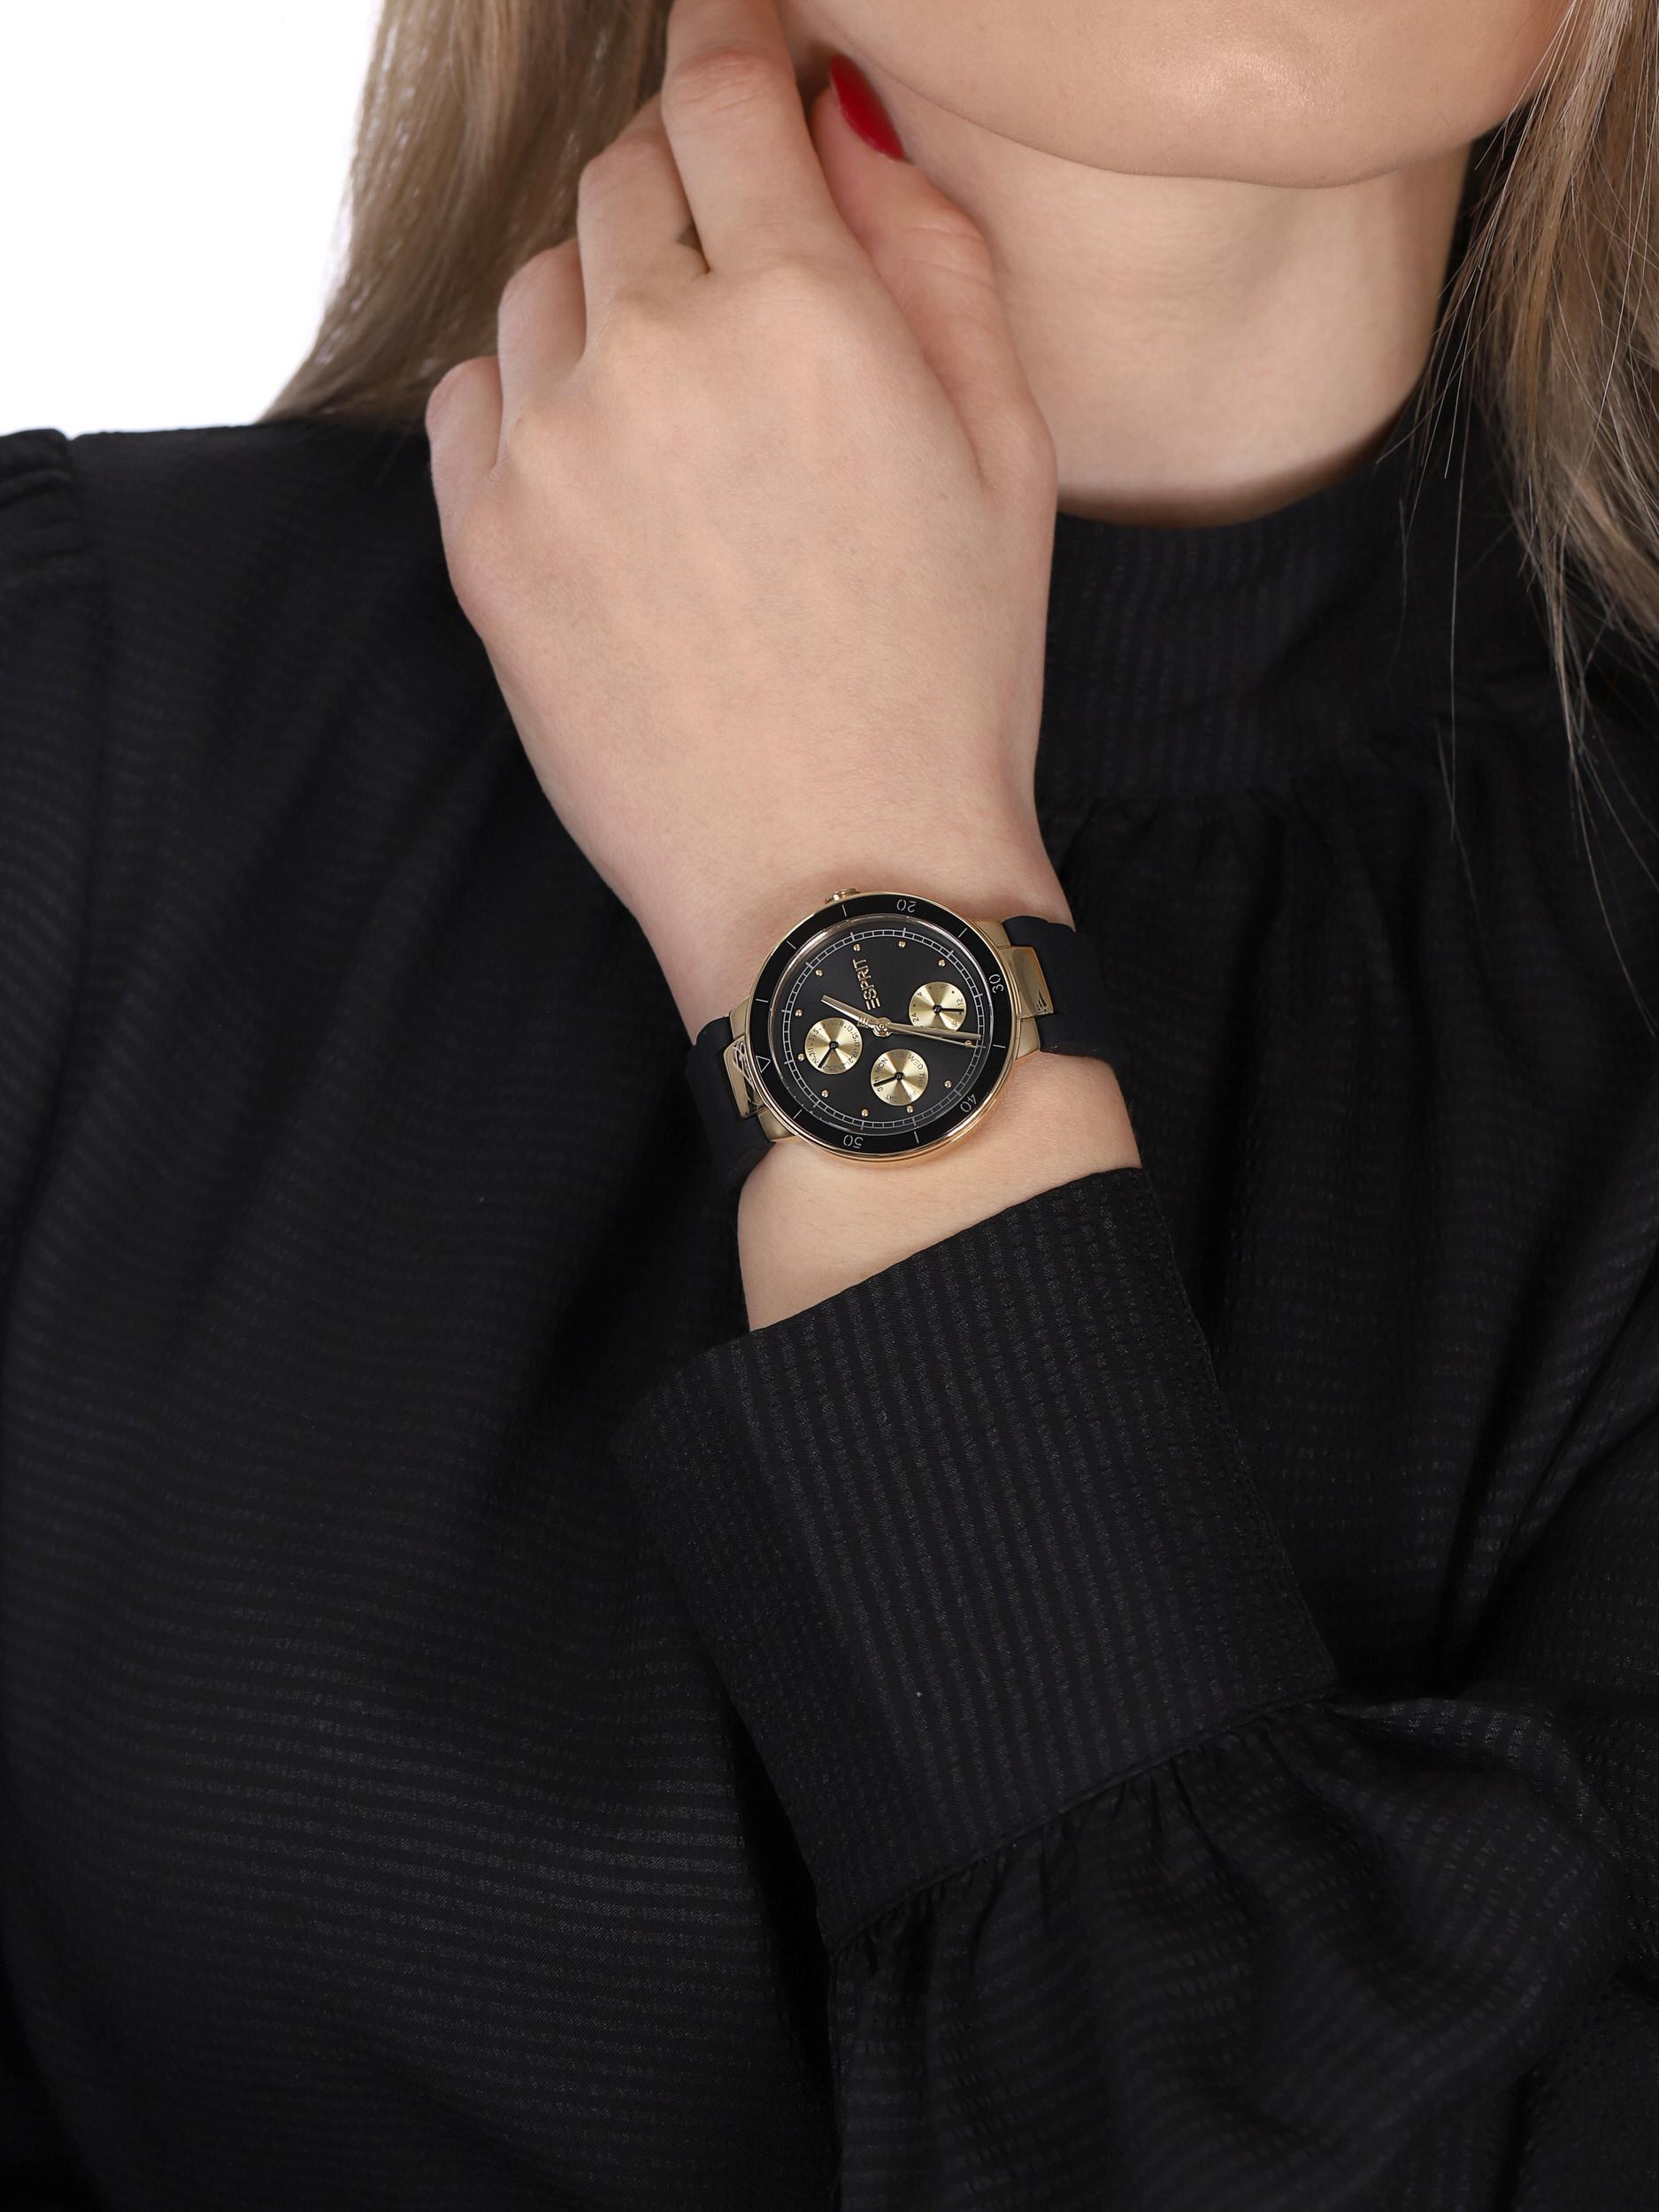 Esprit ES1L226P0075 damski zegarek Damskie pasek